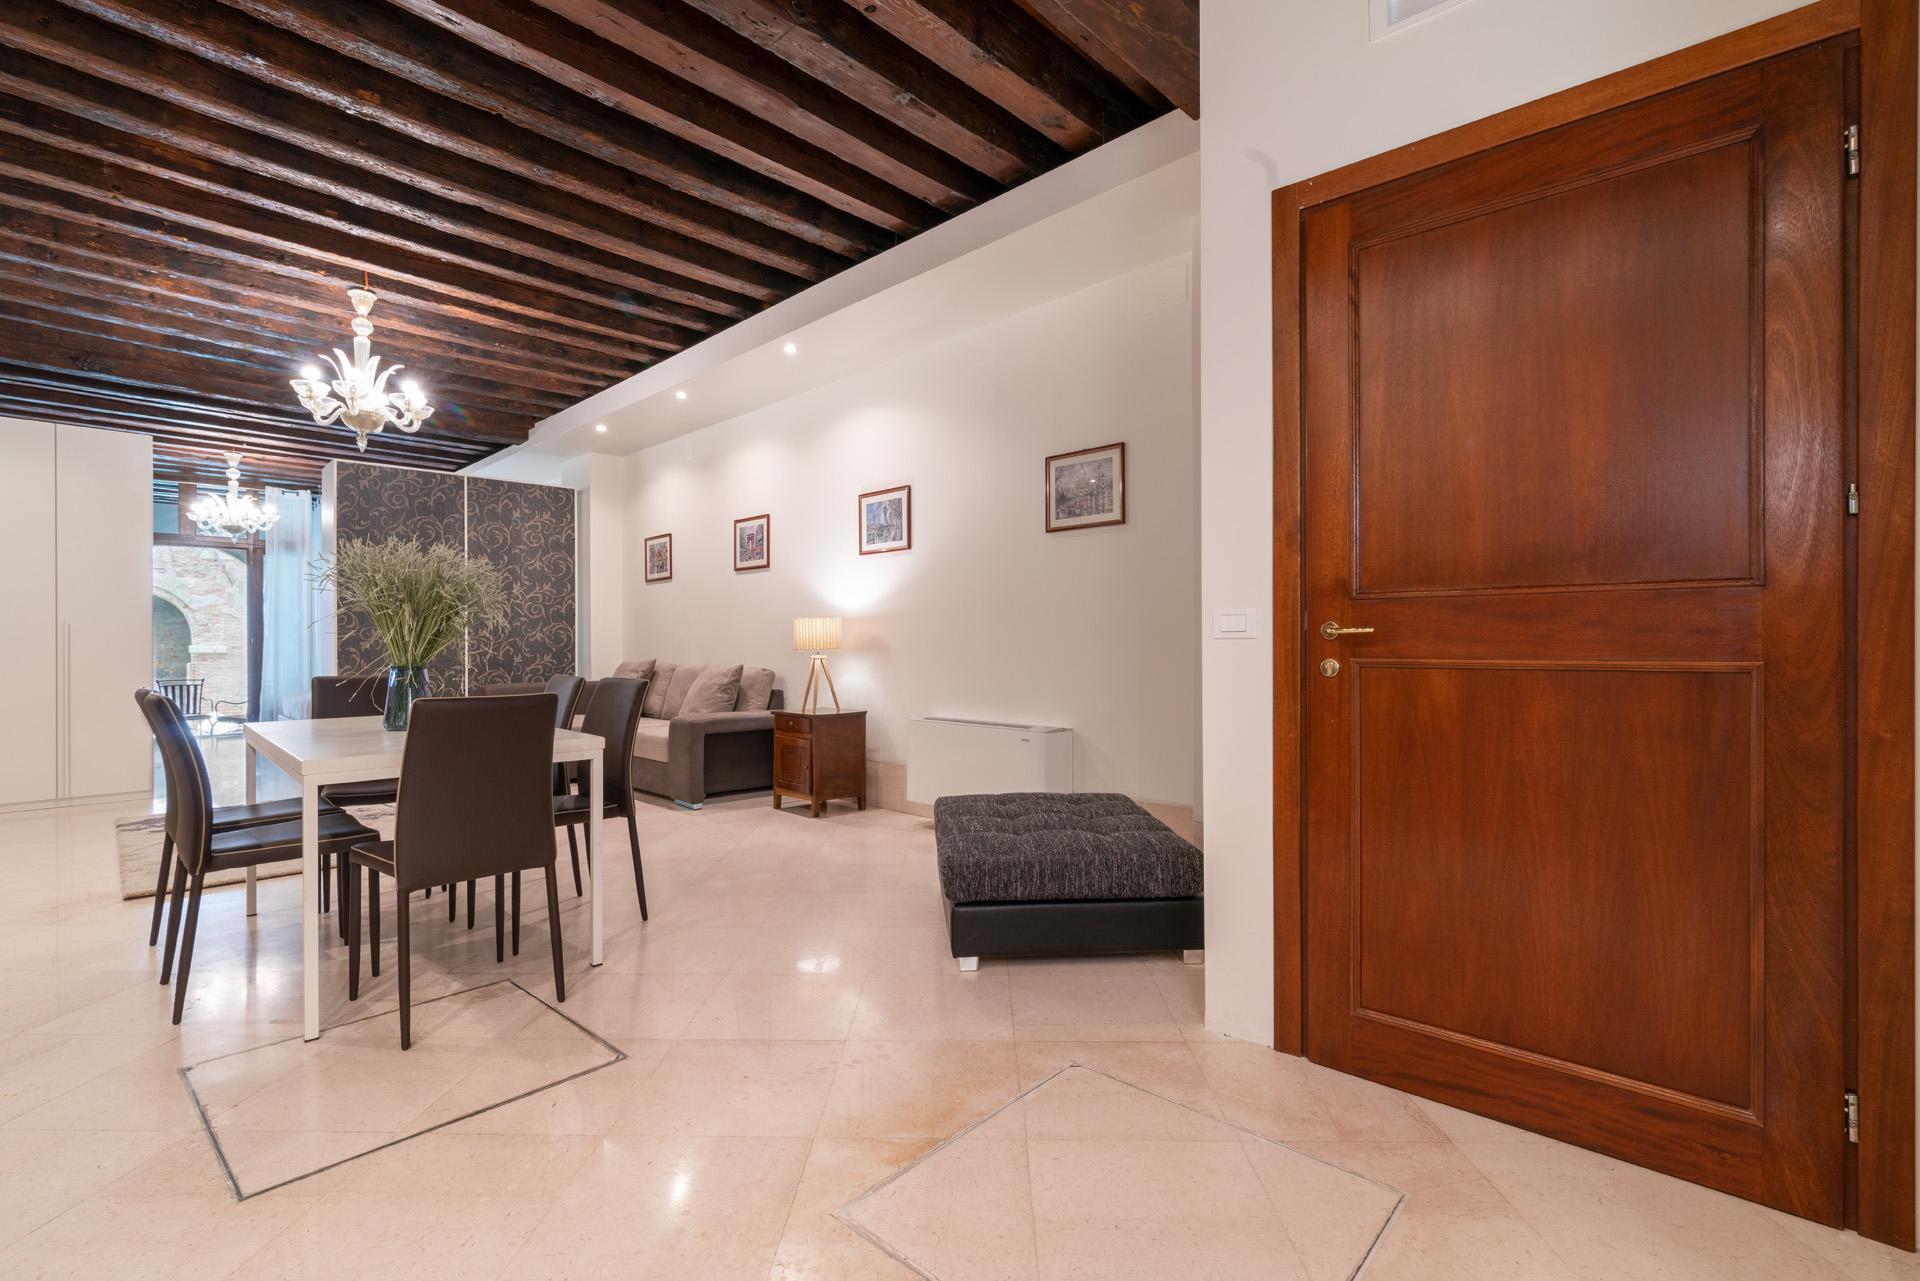 fotografo di interni per hotel bnb appartamenti agenzie